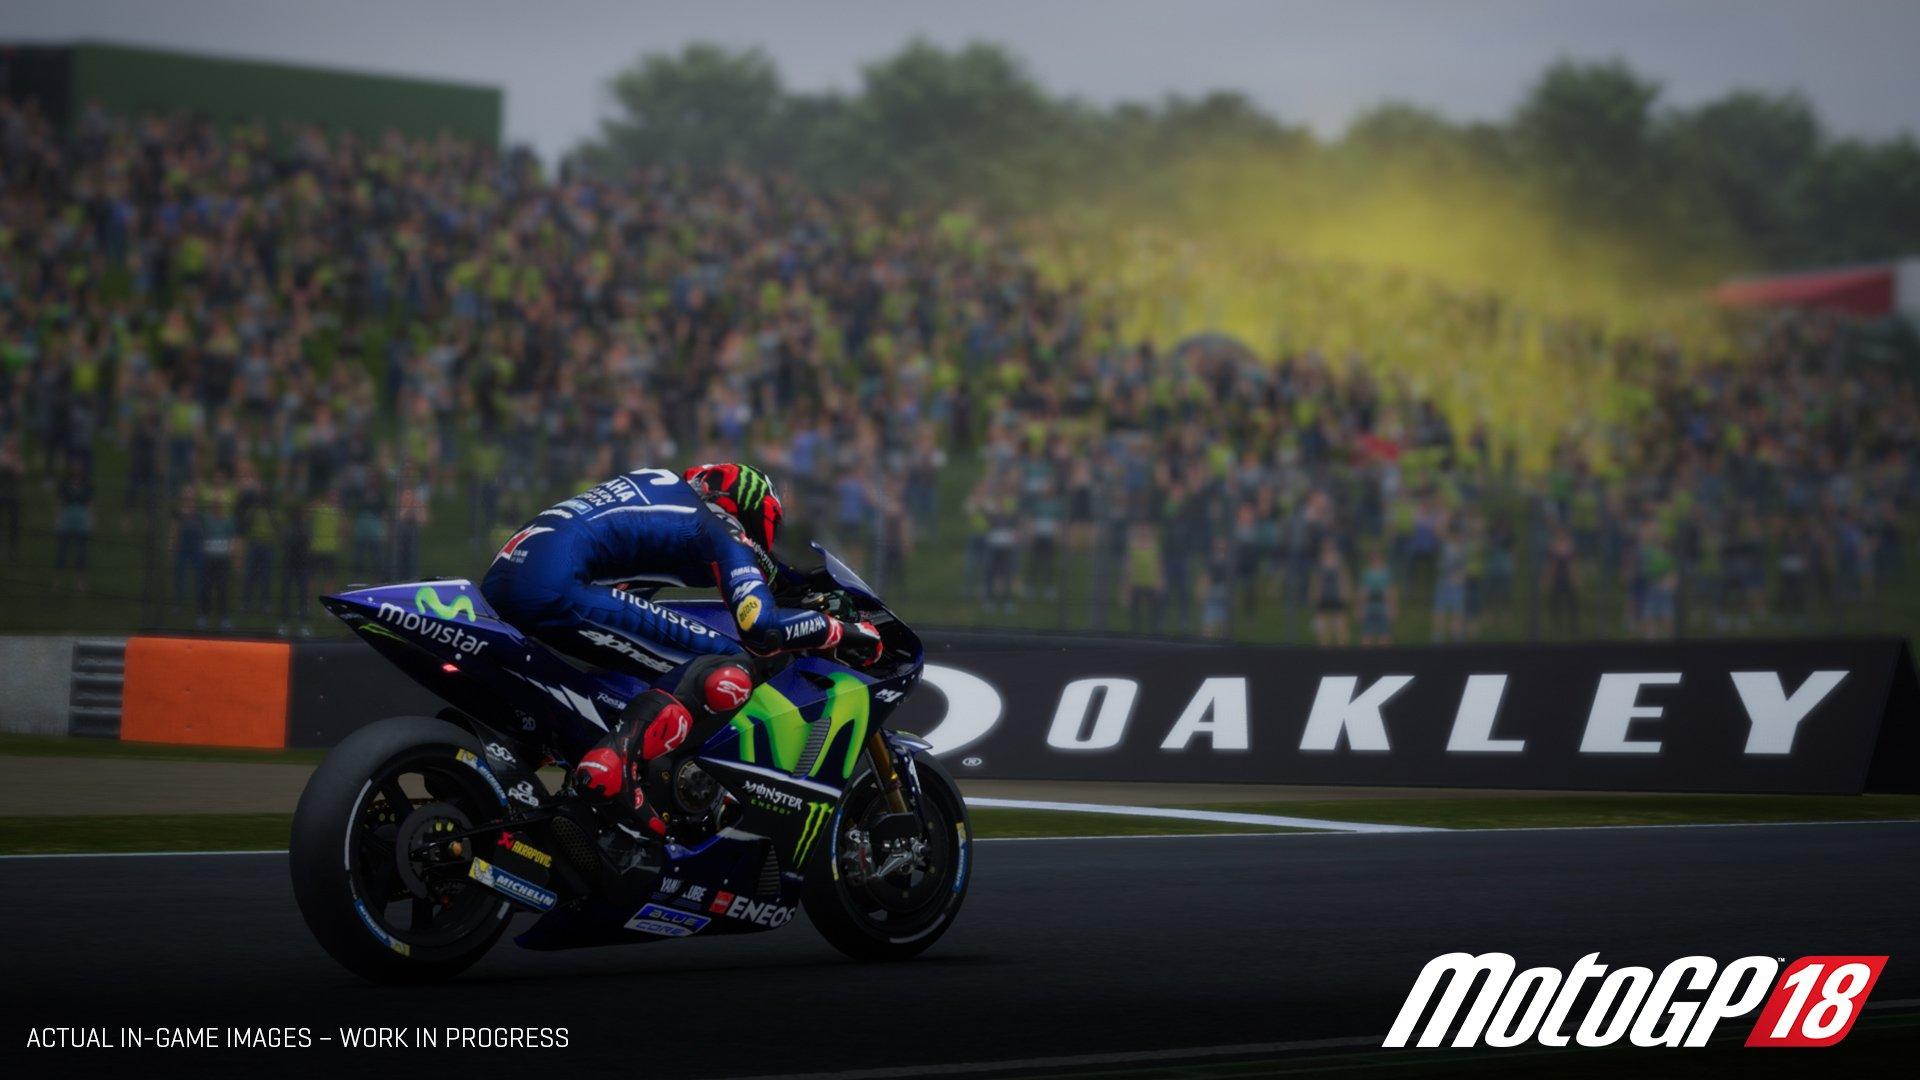 MotoGP 18 Announced, Coming June 7 - Inside Sim Racing